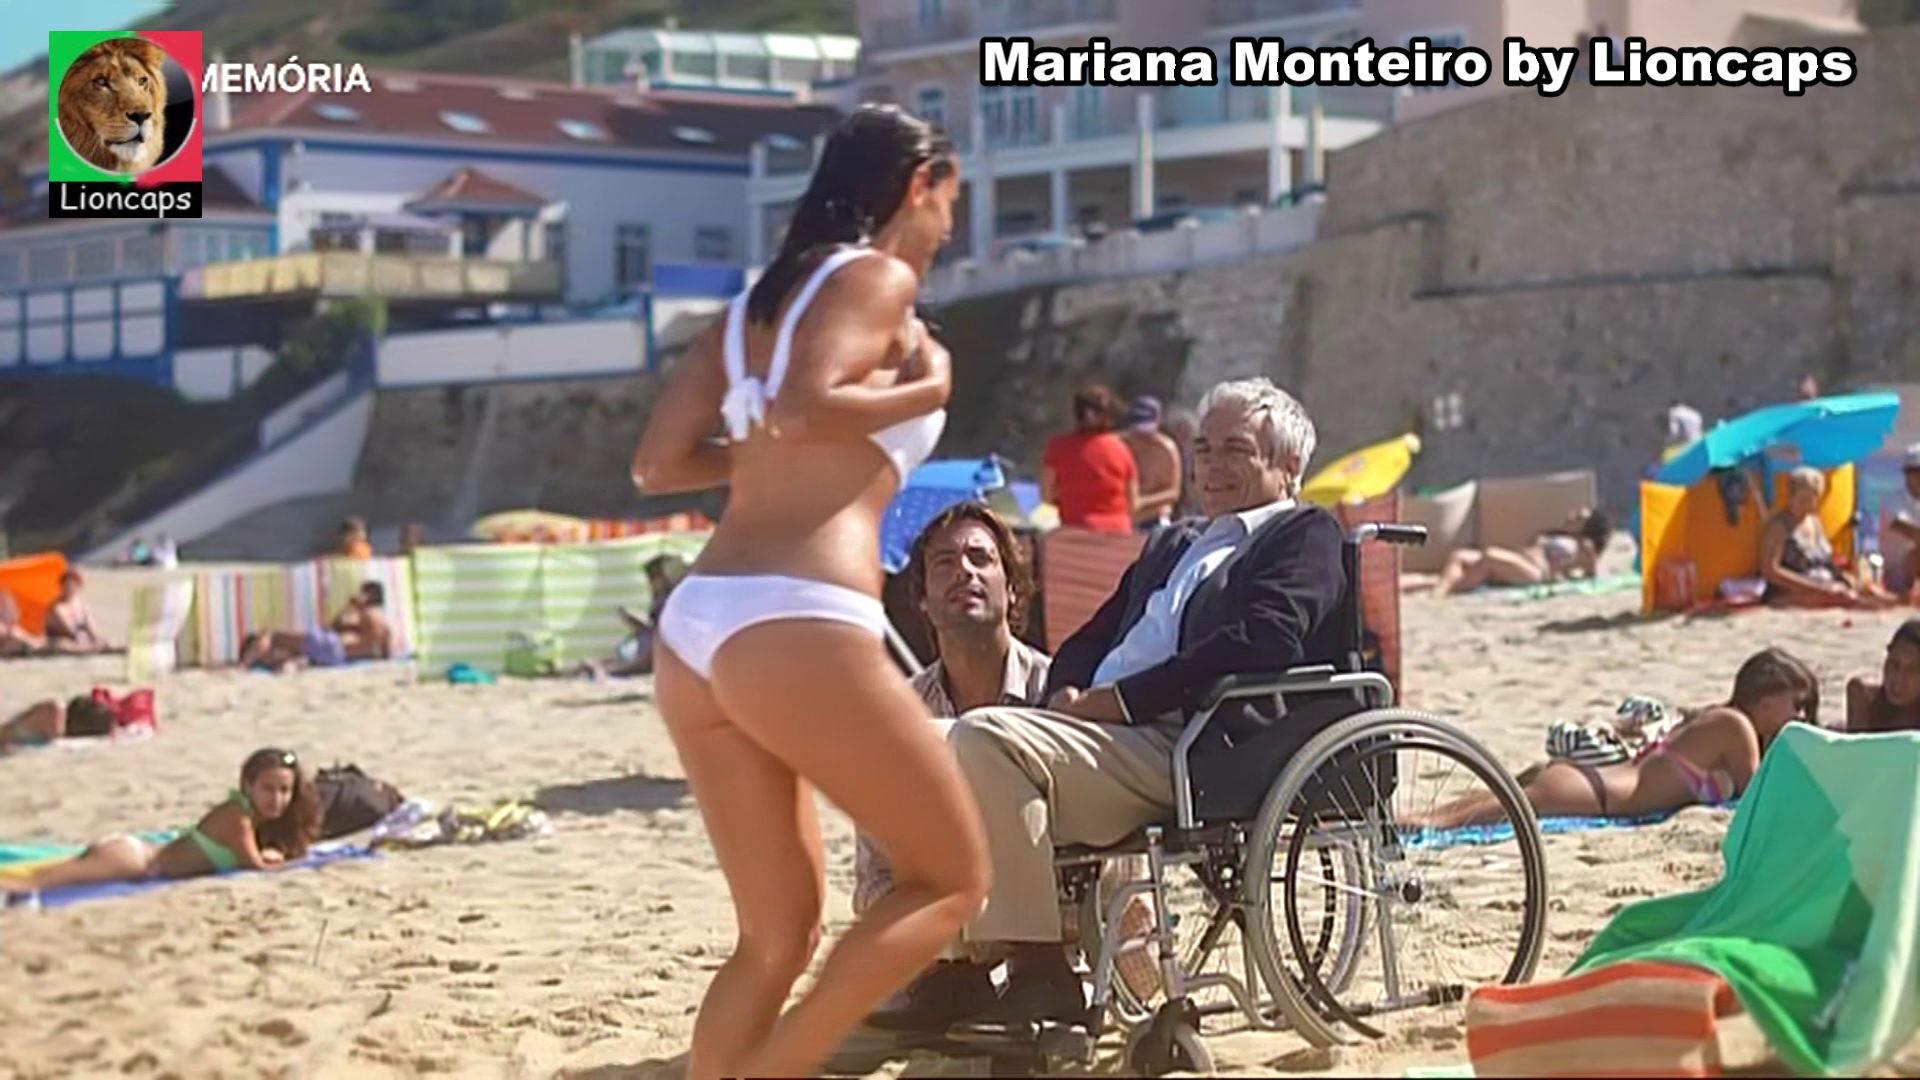 mariana_monteiro_vs200604-076 (9).JPG